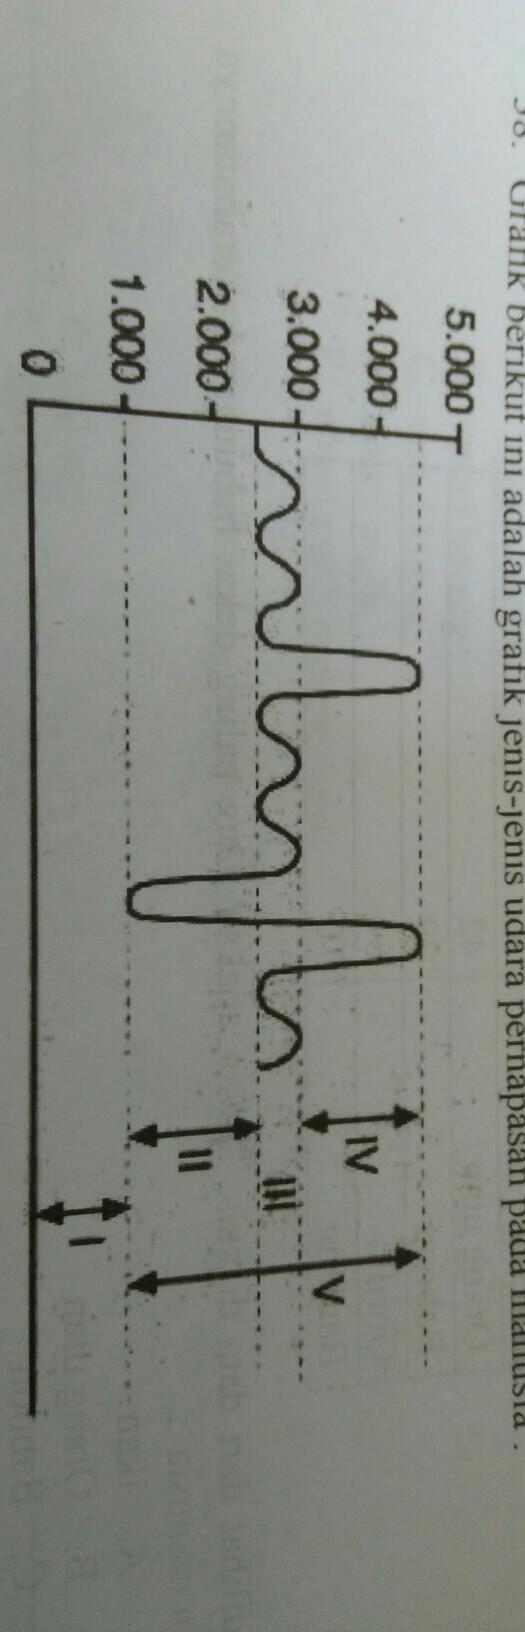 Identifikasi Lah Jenis Jenis Udara Pernafasan Untuk Grafik No 1 2 3 4 Dan 5 Beserta Besar Volume Brainly Co Id